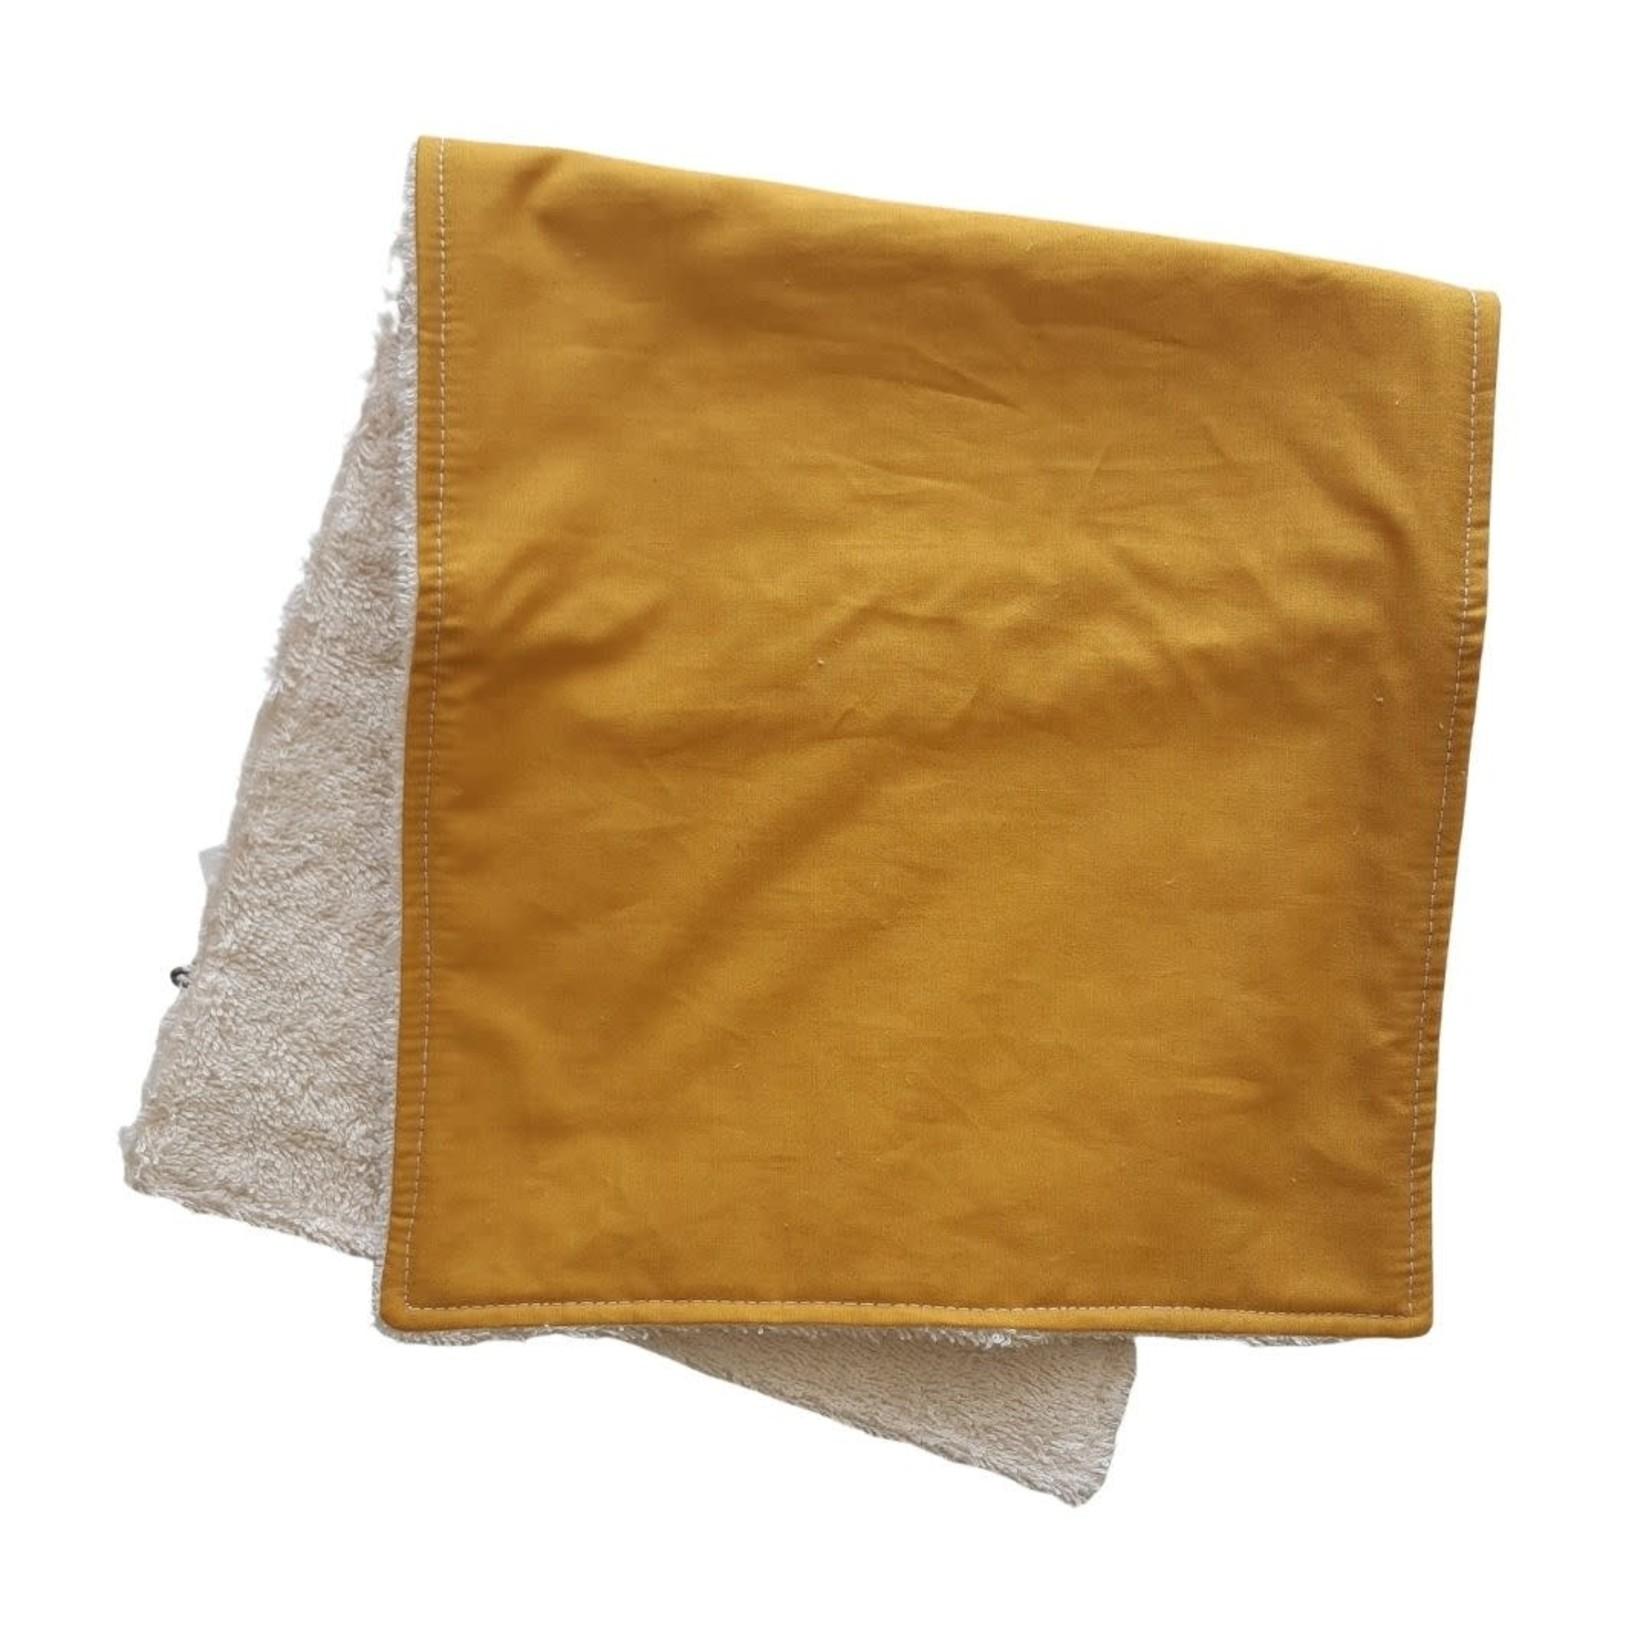 Mini Madz Mini Madz Organic Burp Cloth - Solid Mustard